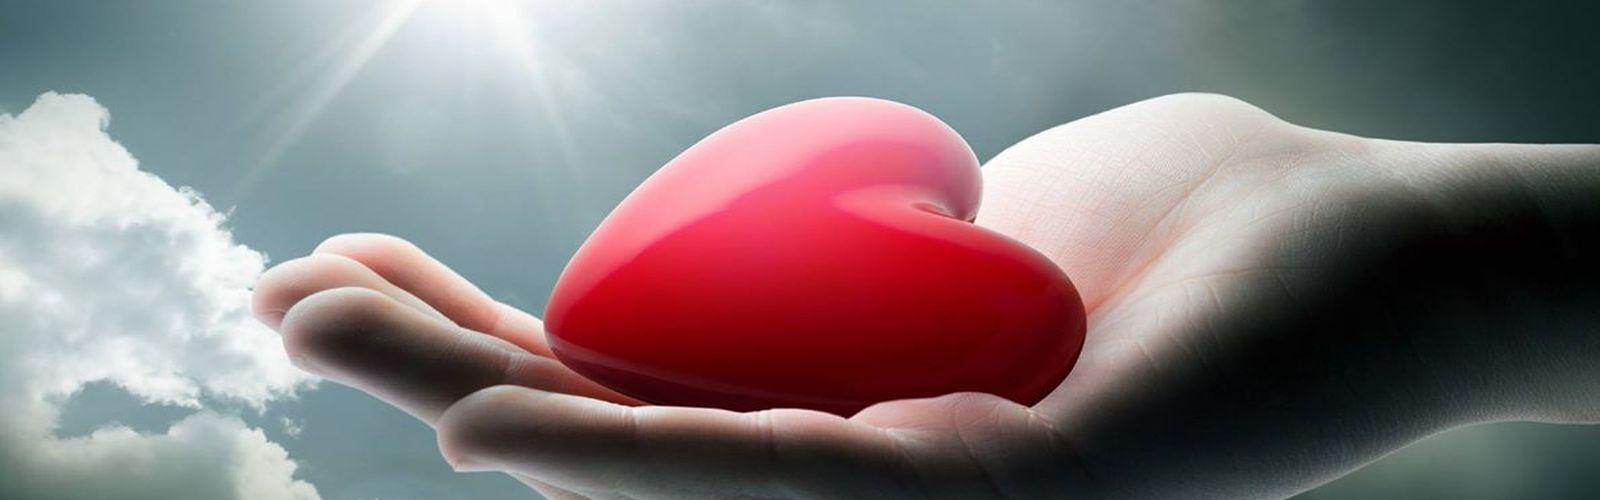 Czerwone serce leży na otwartej dłoni. W tle widać niebo, chmury oraz promienie słońca.